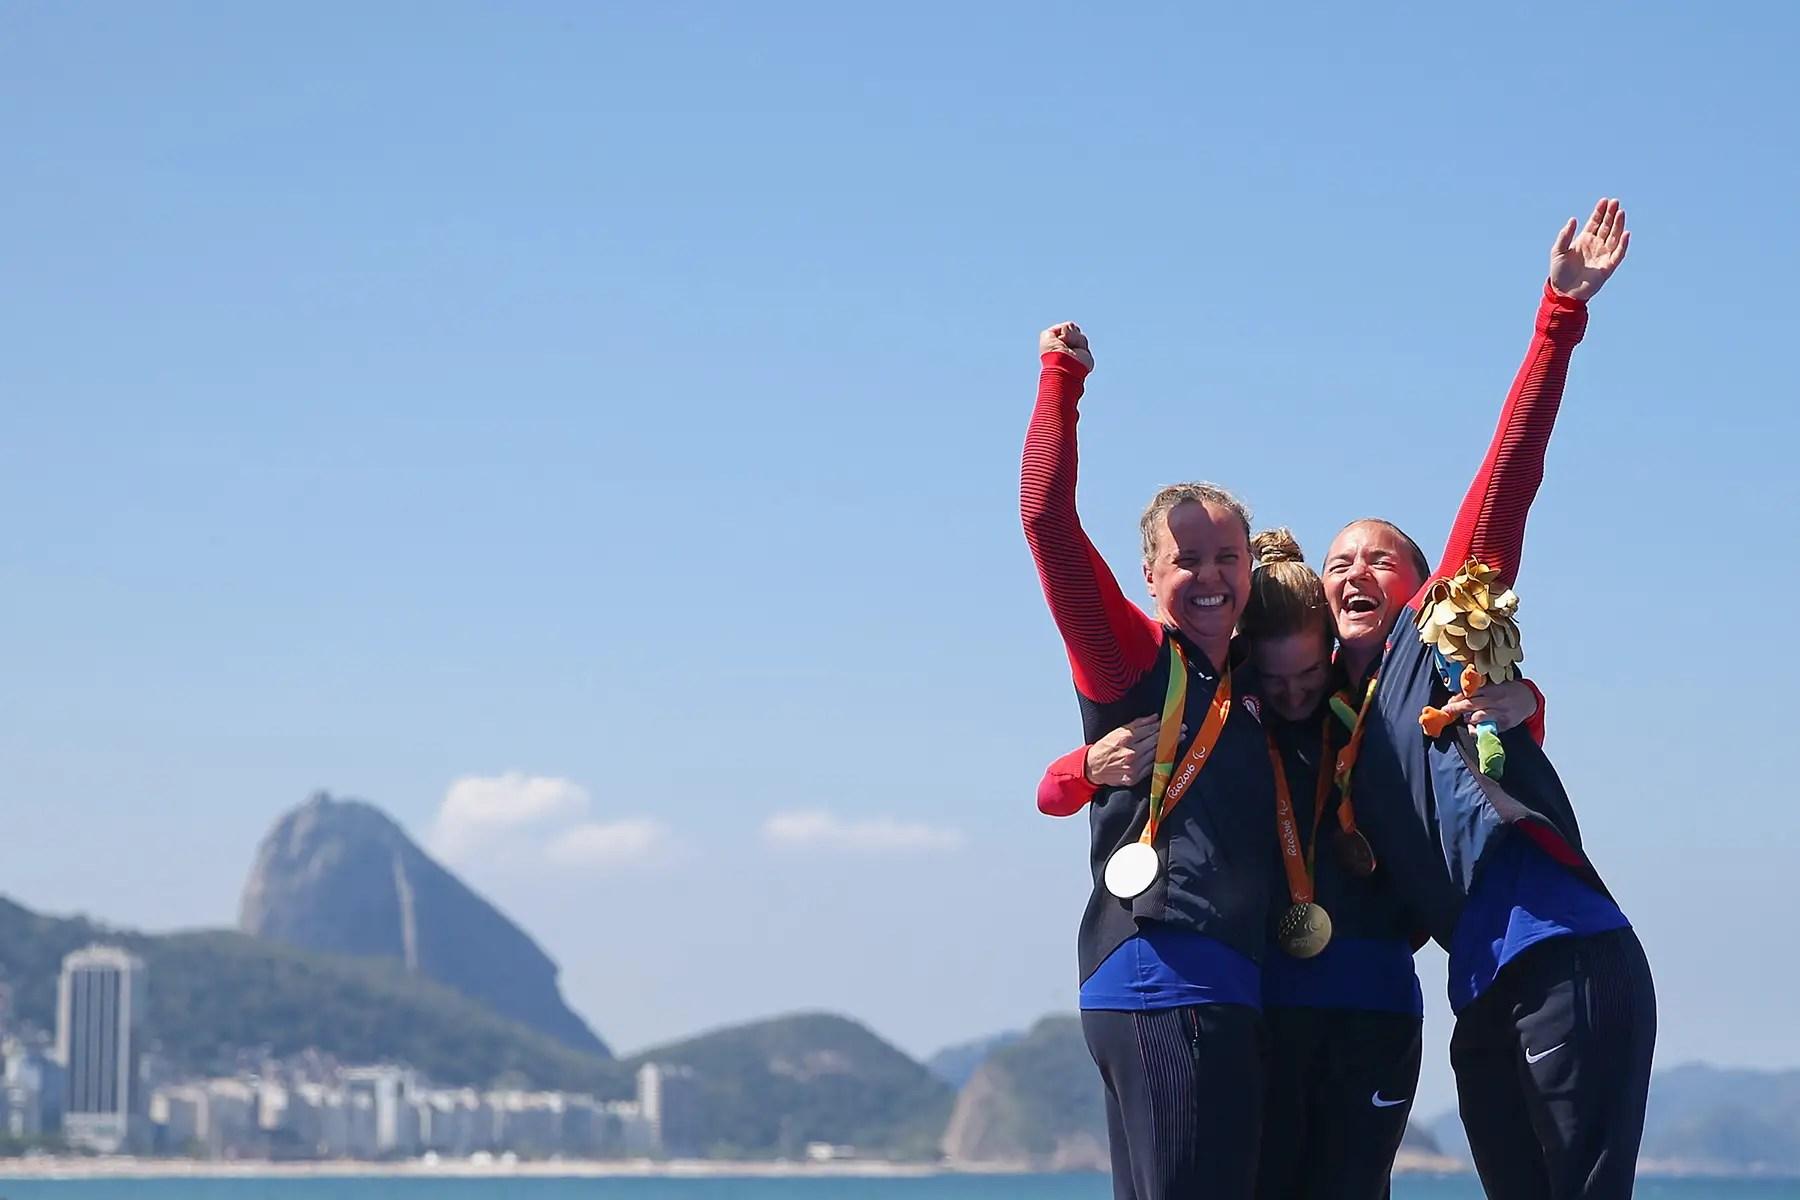 La medallista de plata Hailey Danisewicz (izquierda), medalla de oro Allysa Seely (centro), y medalla de bronce Melissa Stockwell (derecha), todo el equipo de EE.UU., celebran sus medallas en el triatlón de la mujer.